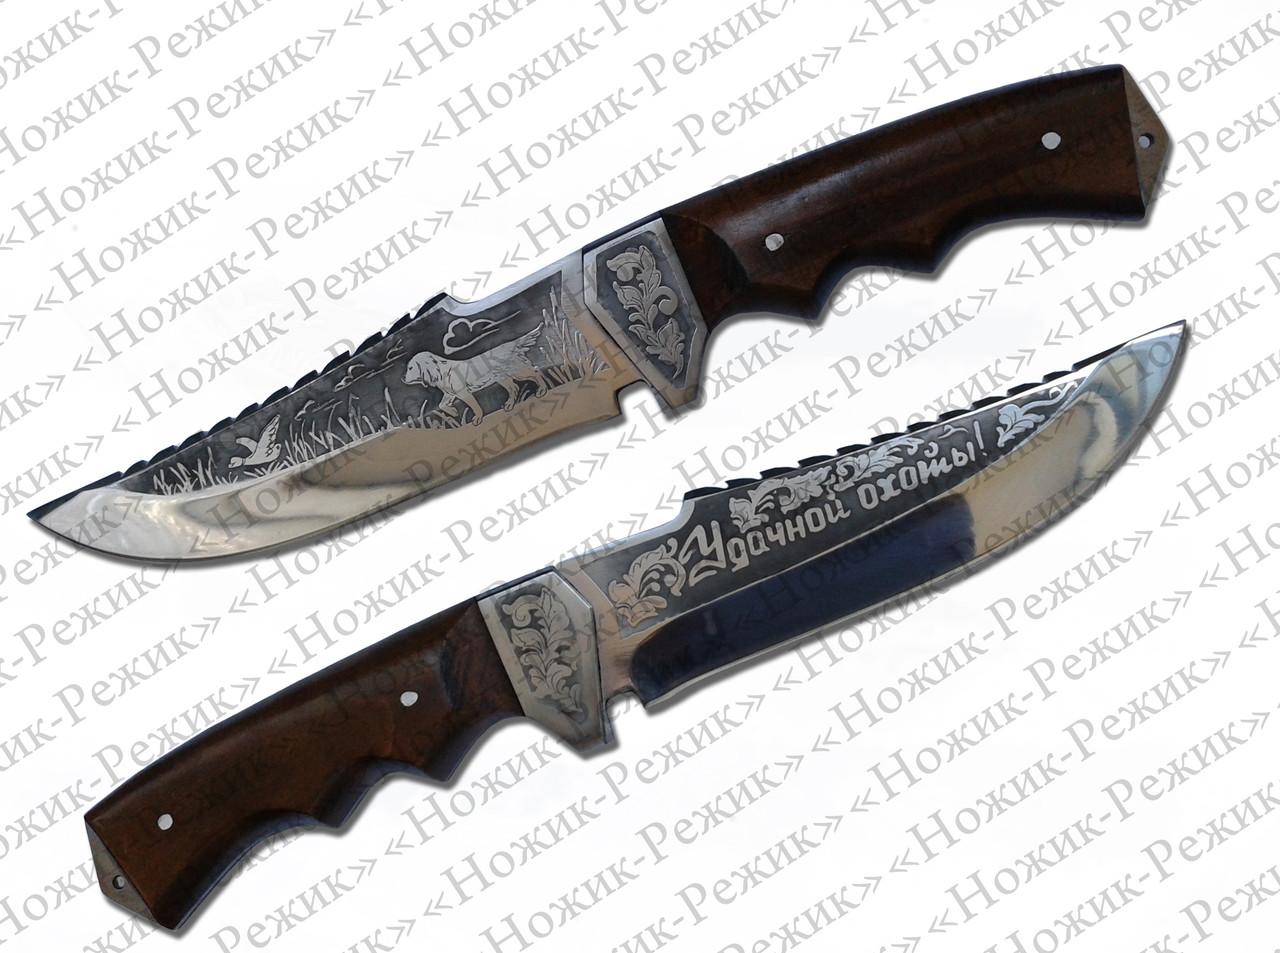 Магазин ножів, ножі від виробника, туристичний, мисливський ніж, ніж для риболовлі, бюджетний ніж